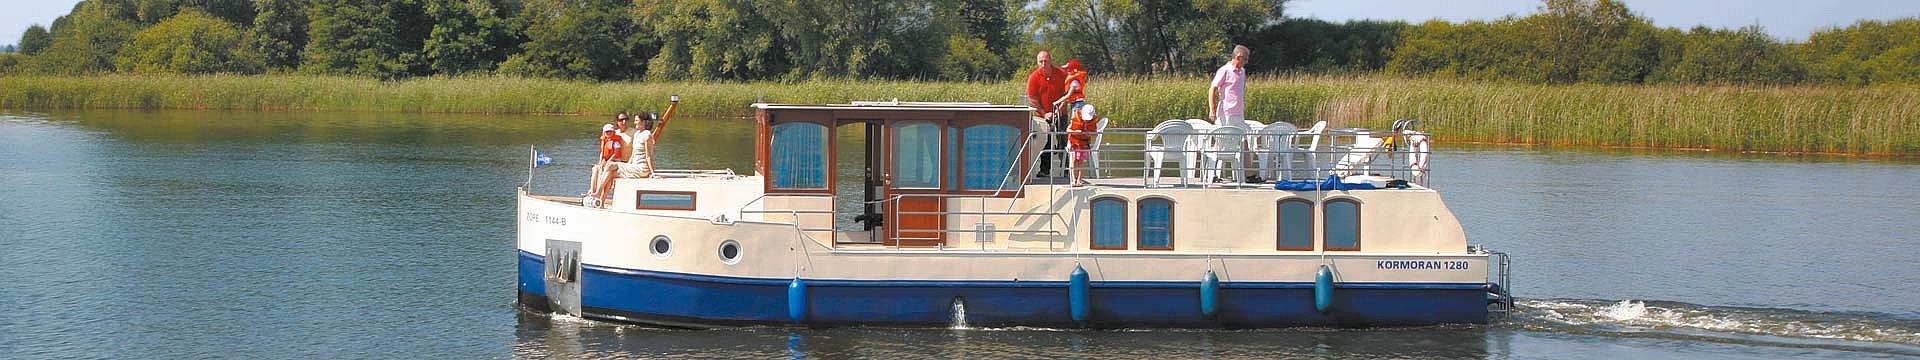 Kormoran 1280 Kaufen Mein Boot